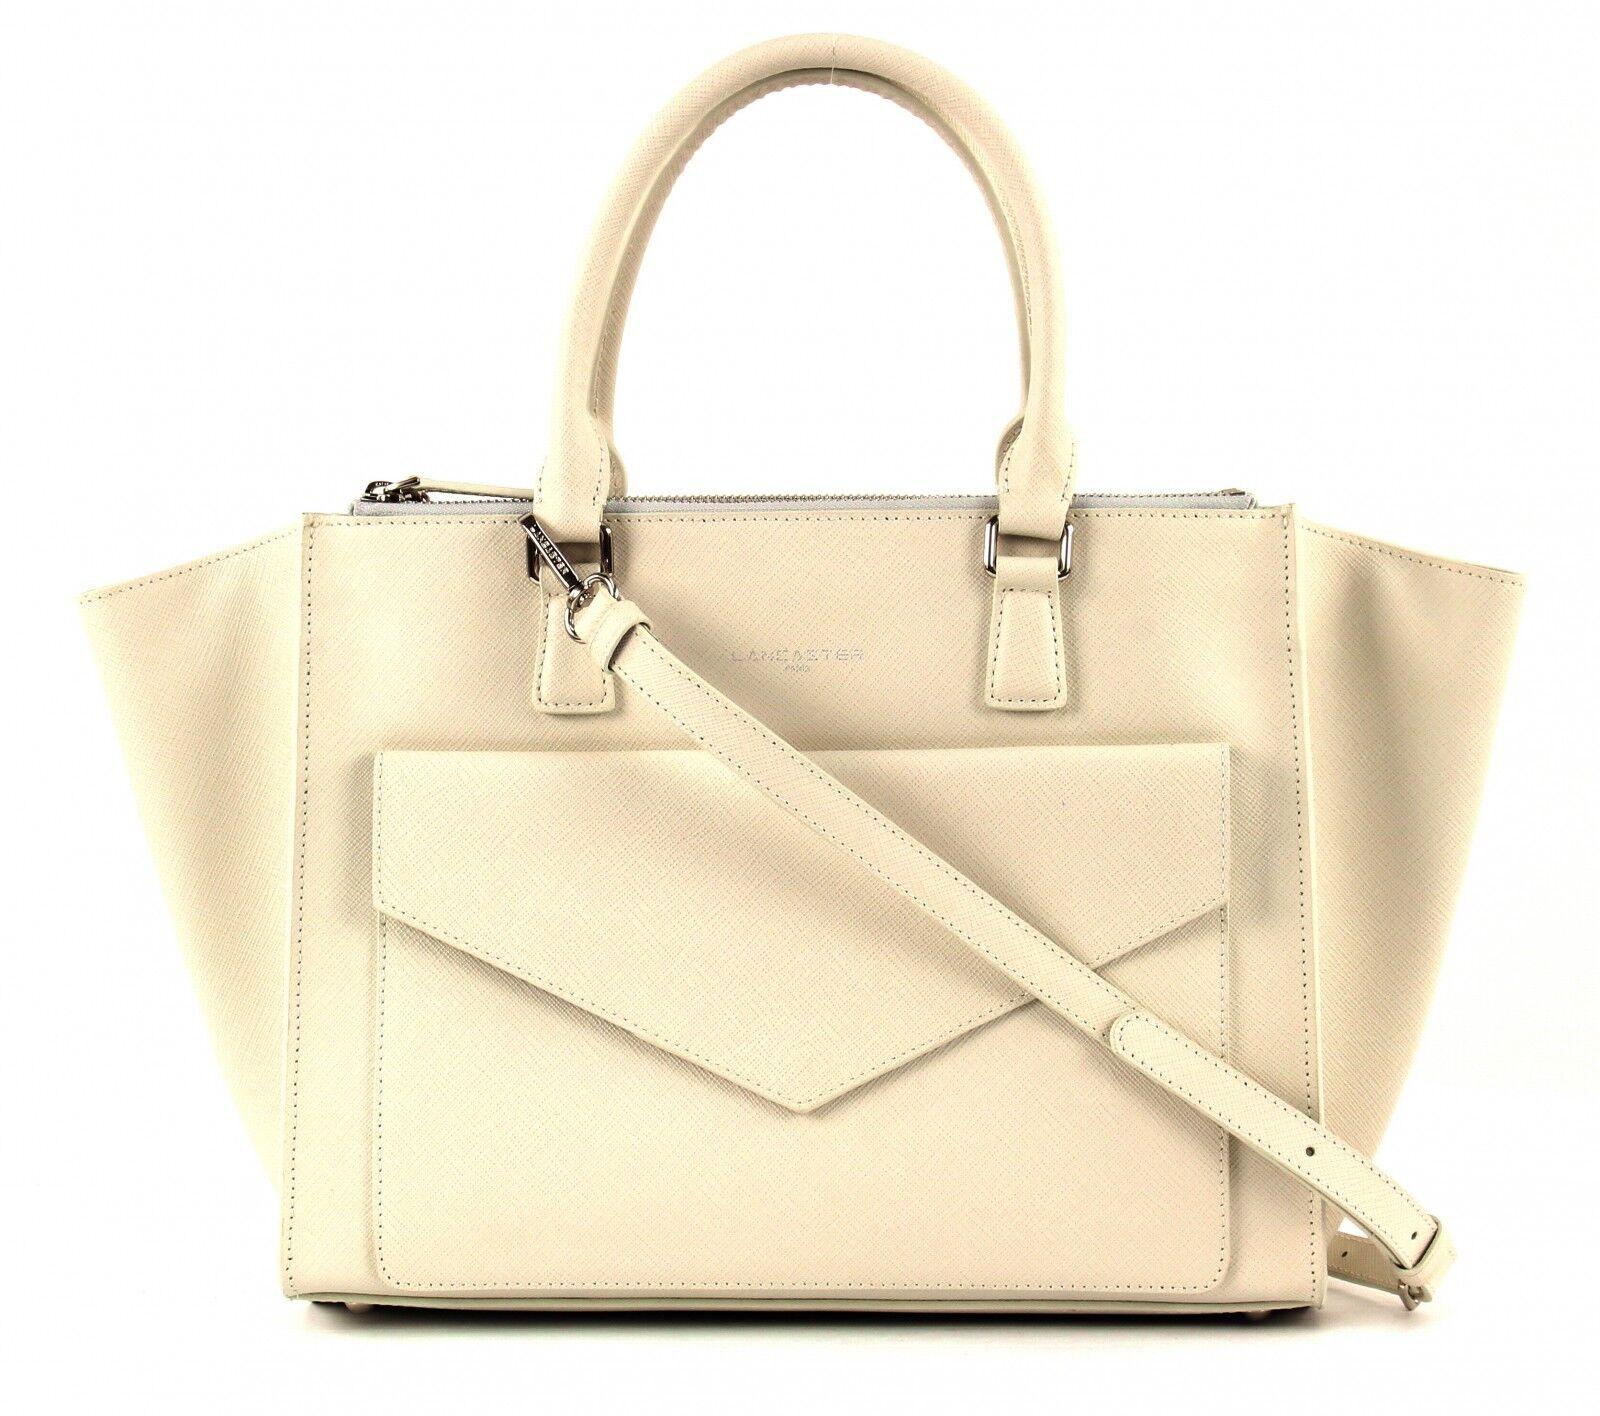 LANCASTER Adèle Handbag Tasche Schultertasche Schultertasche Schultertasche Handtasche Damen Ivory Weiß Leder | Roman  | Glücklicher Startpunkt  | Ausgezeichnetes Handwerk  1c8c95